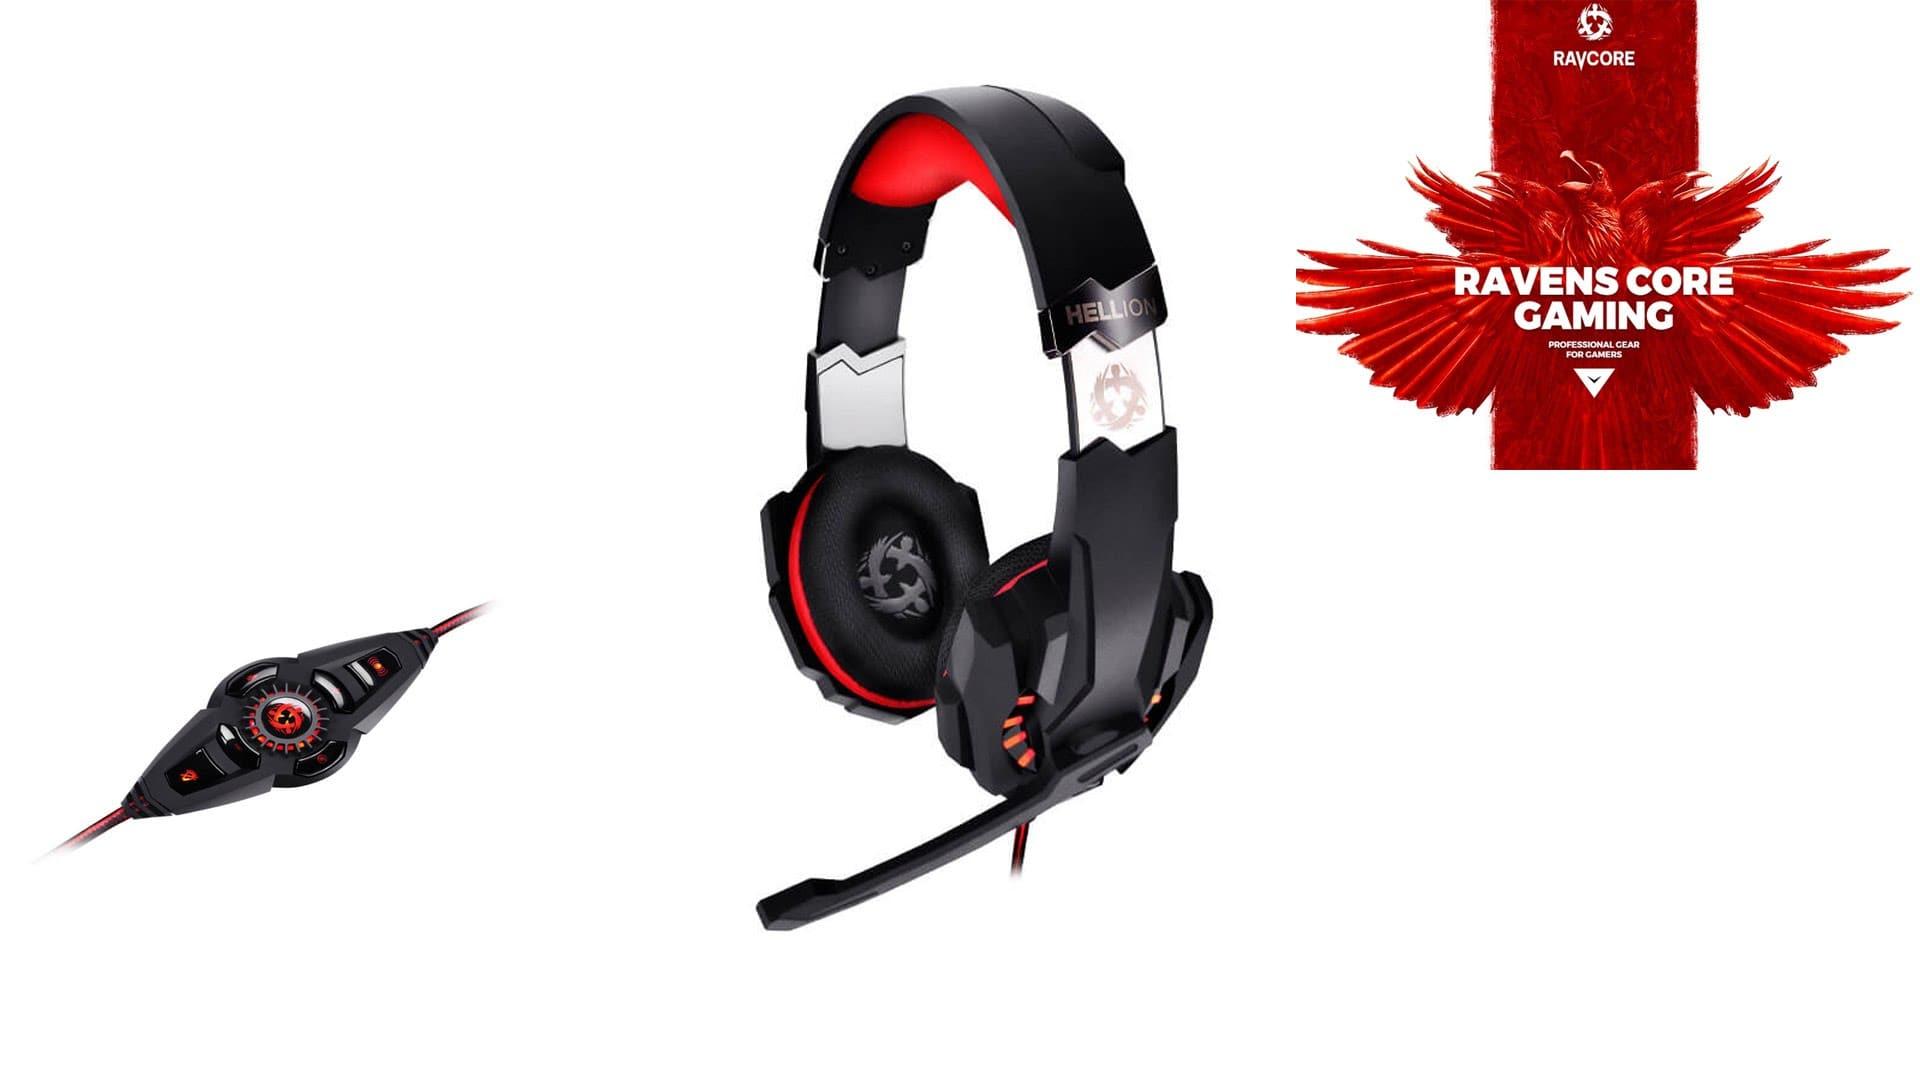 Ravcore Gaming 7.1 Hellion Czarno-czerwony